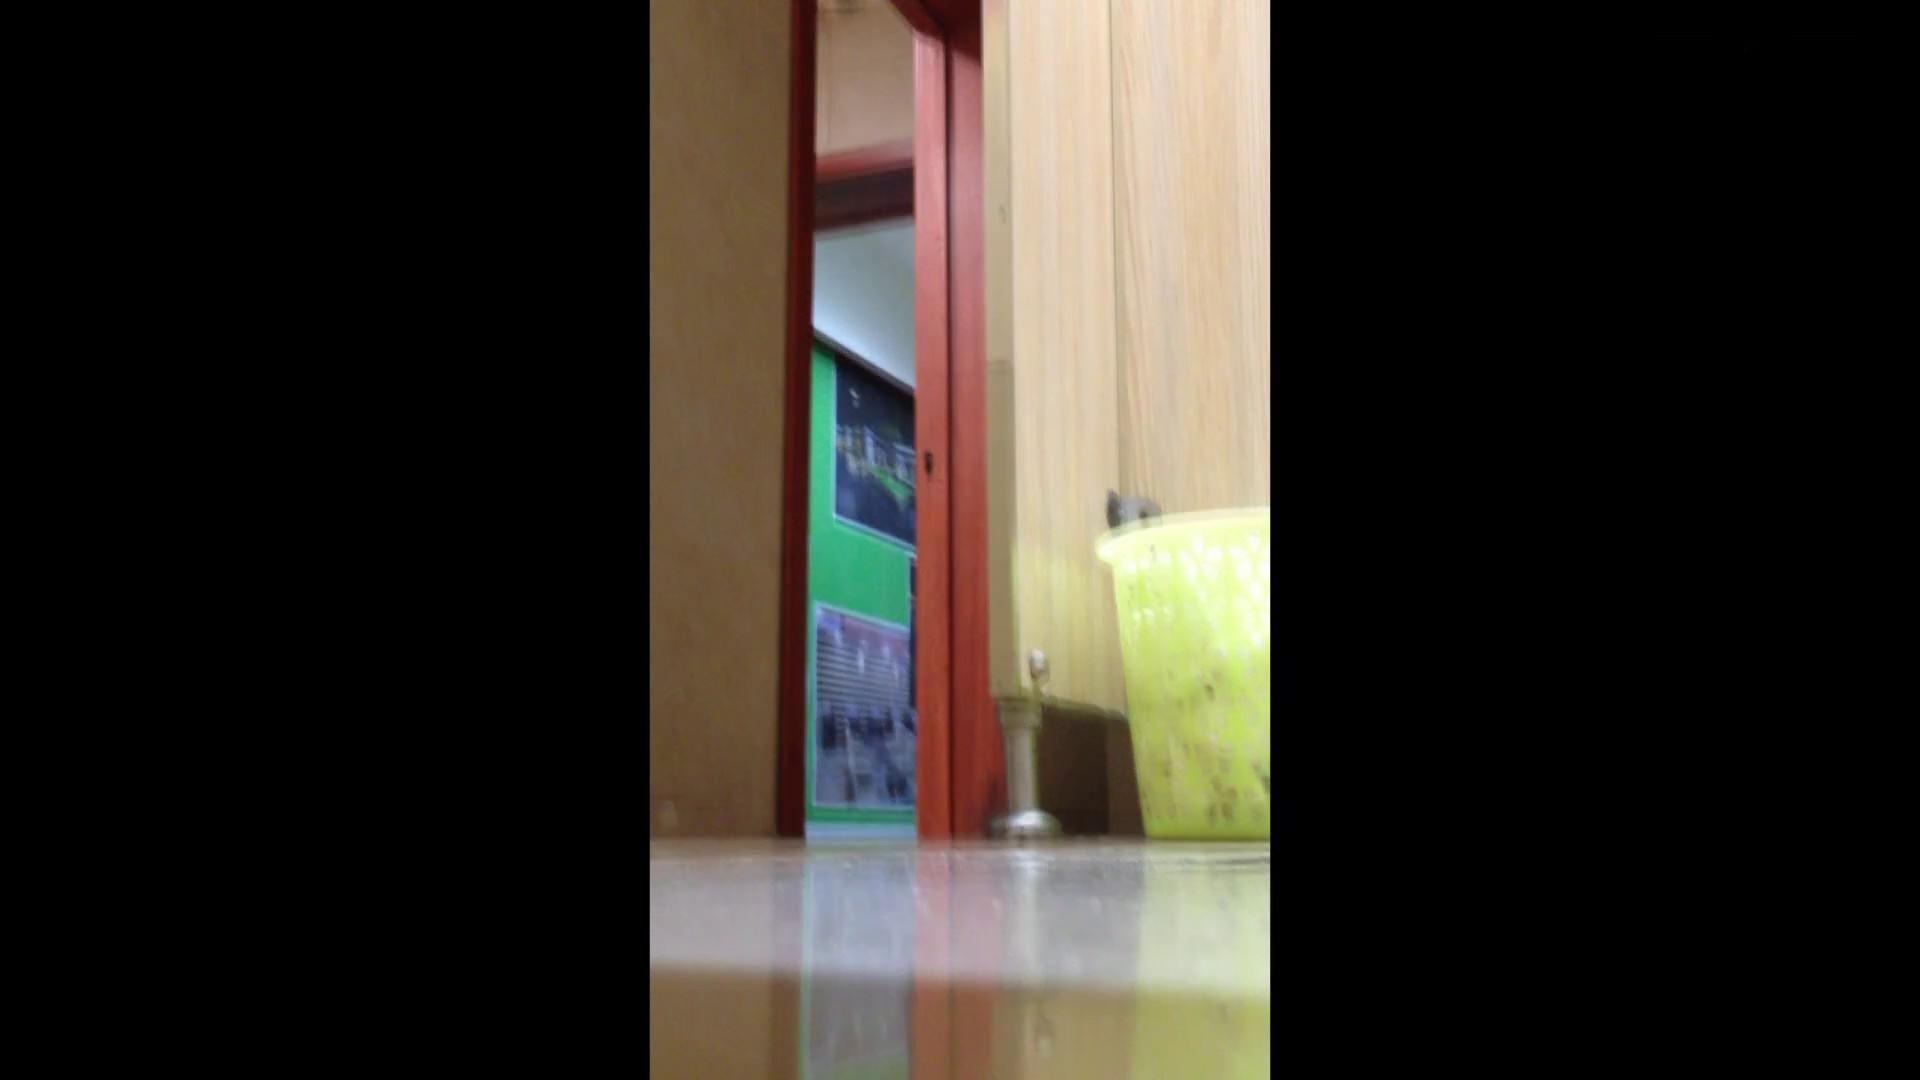 芸術大学ガチ潜入盗撮 JD盗撮 美女の洗面所の秘密 Vol.87 美女 SEX無修正画像 61pic 53